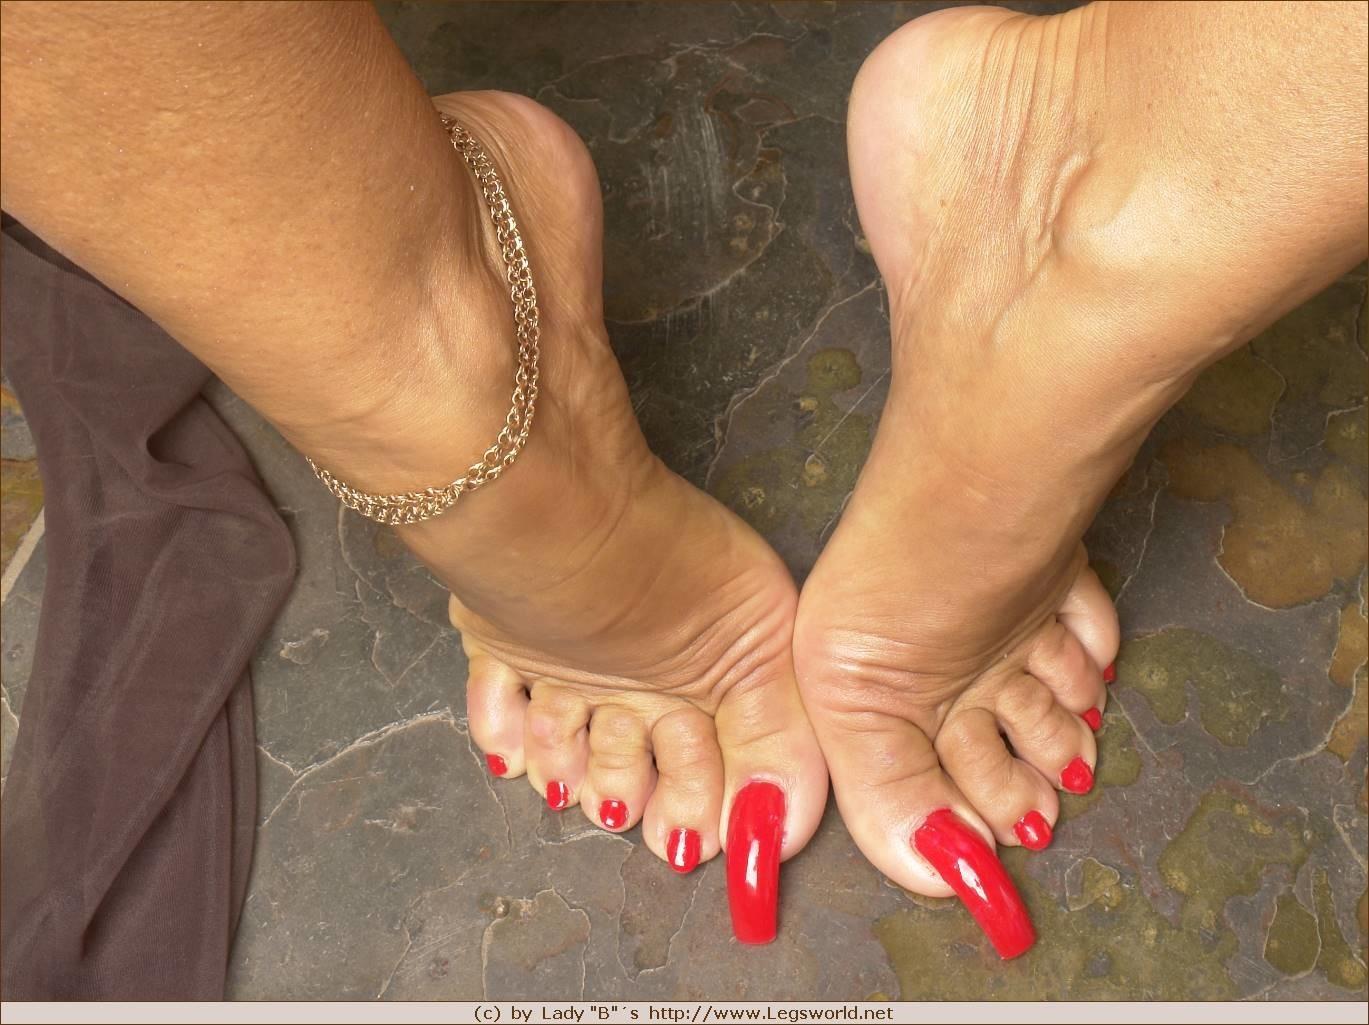 Красивые пальчики на зрелых женских ножках фото